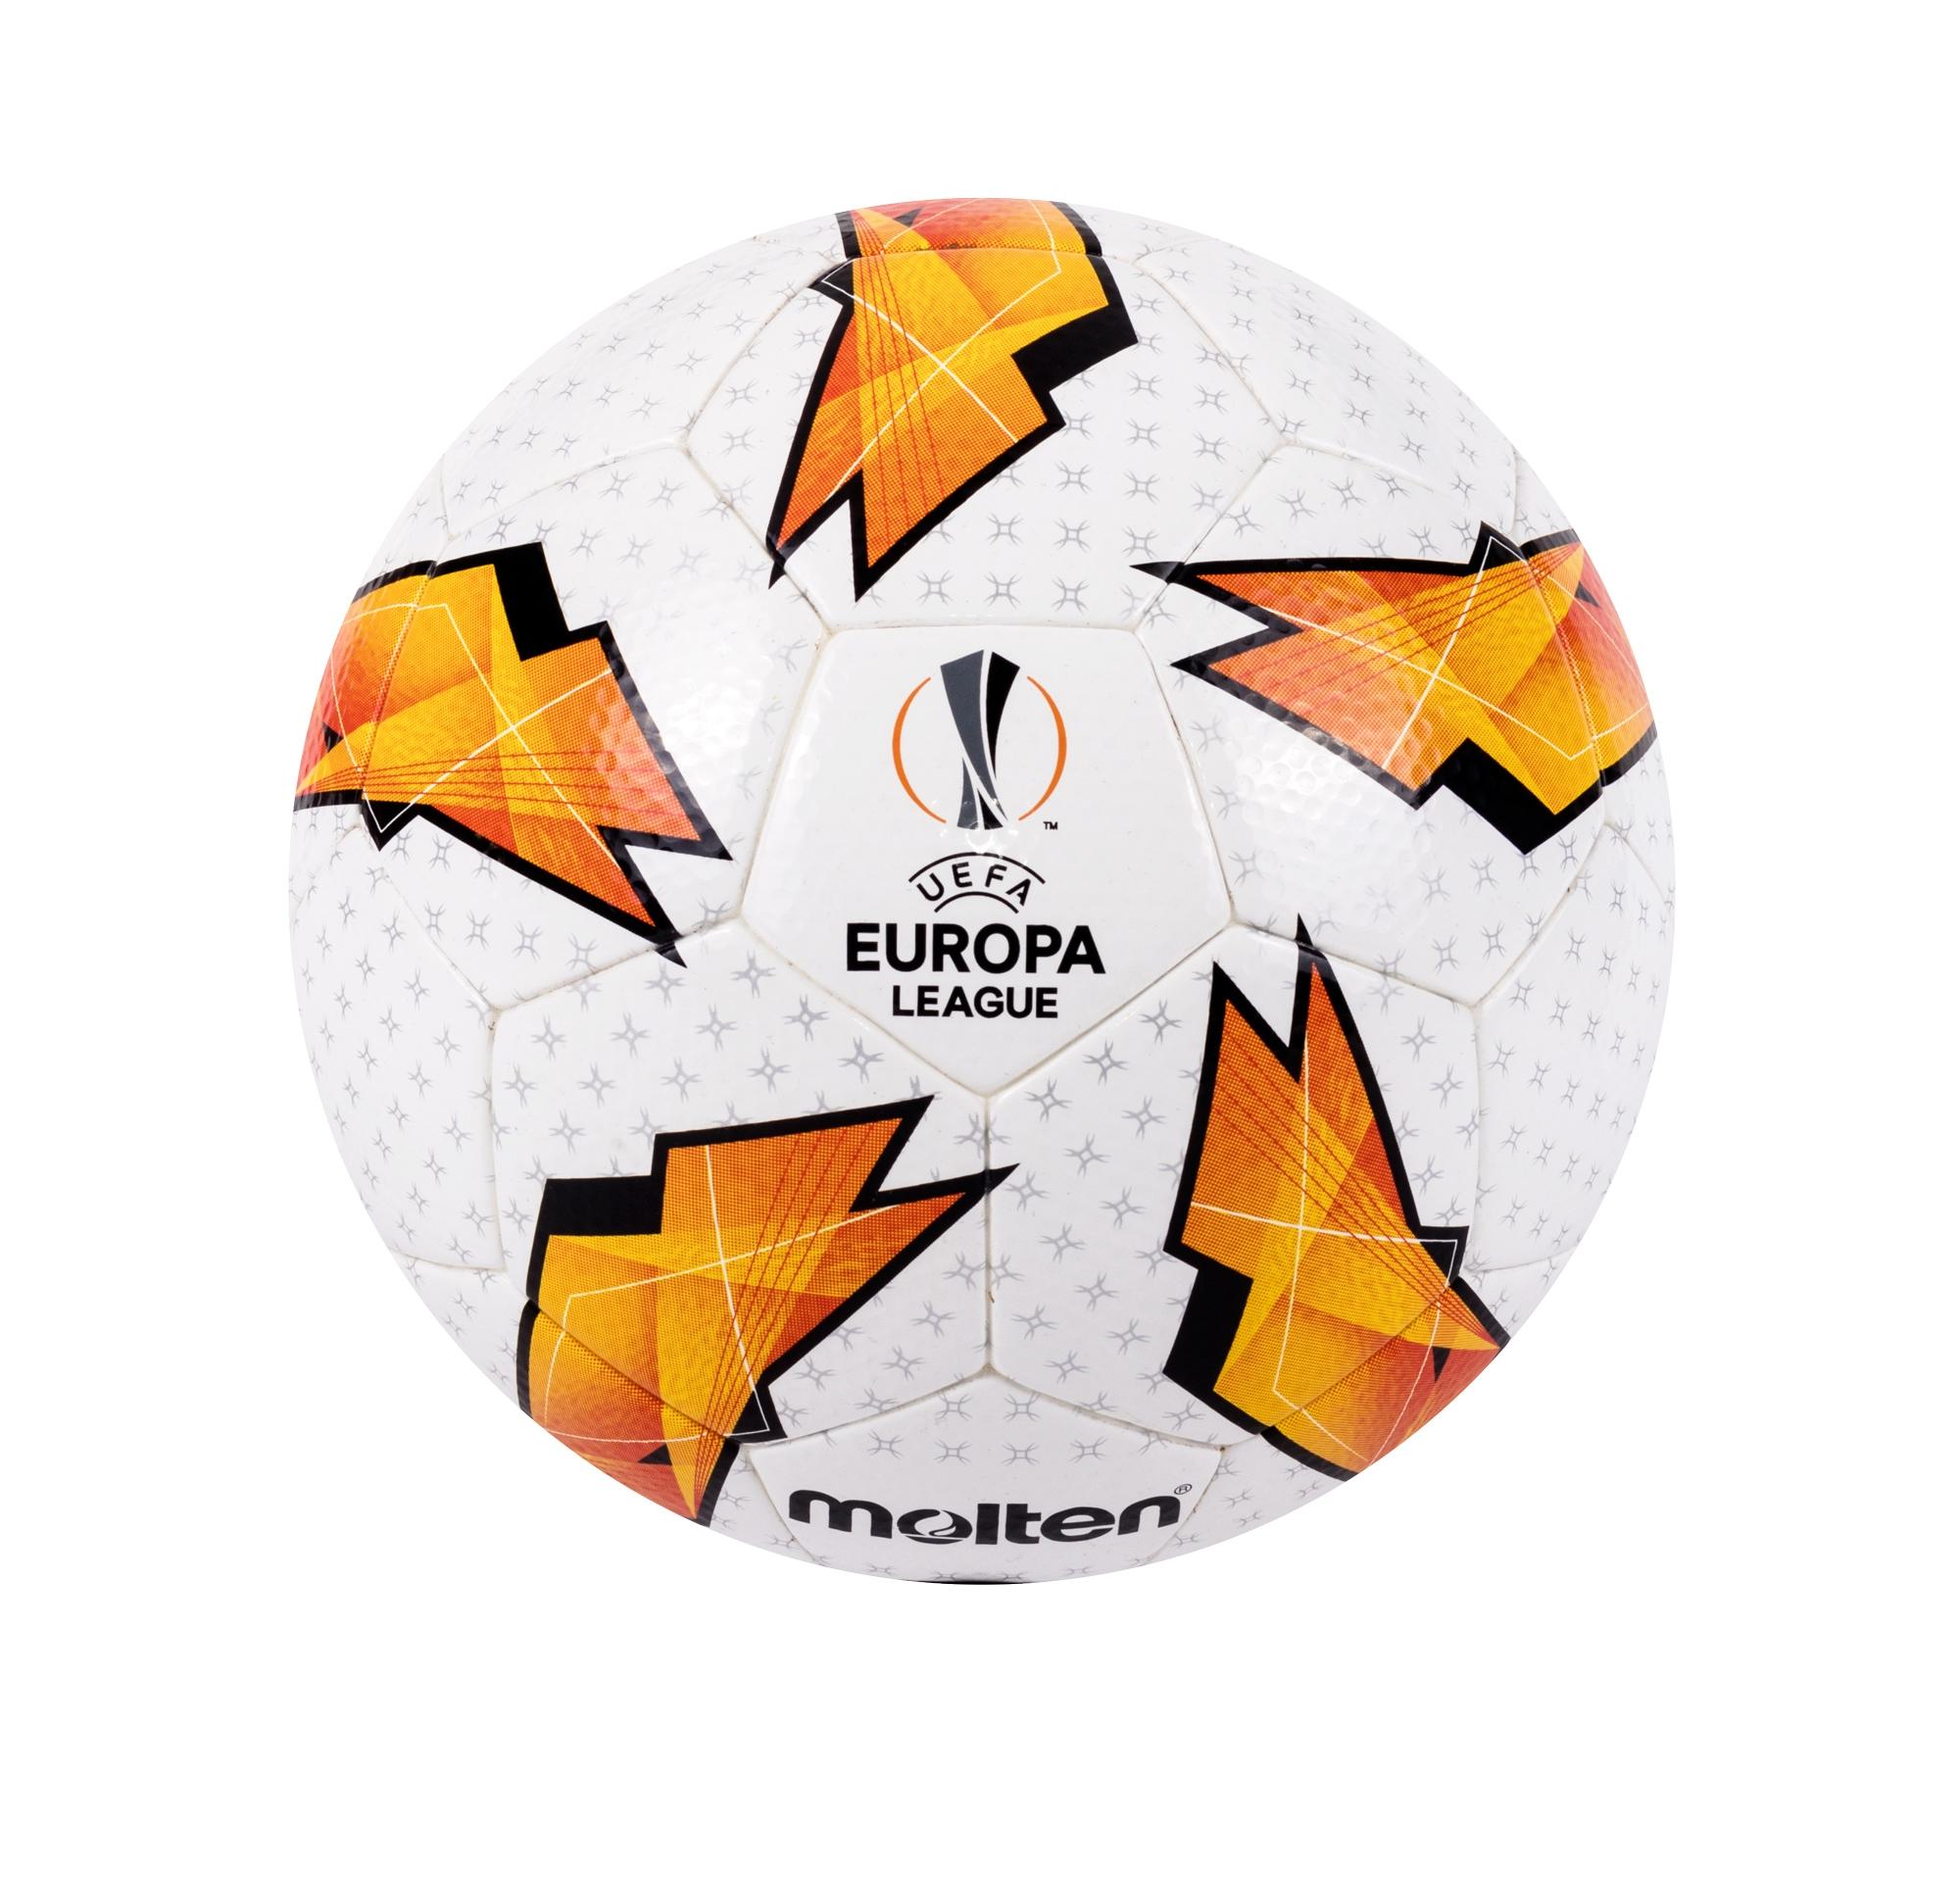 UEFA Europa League: 2018/19 season